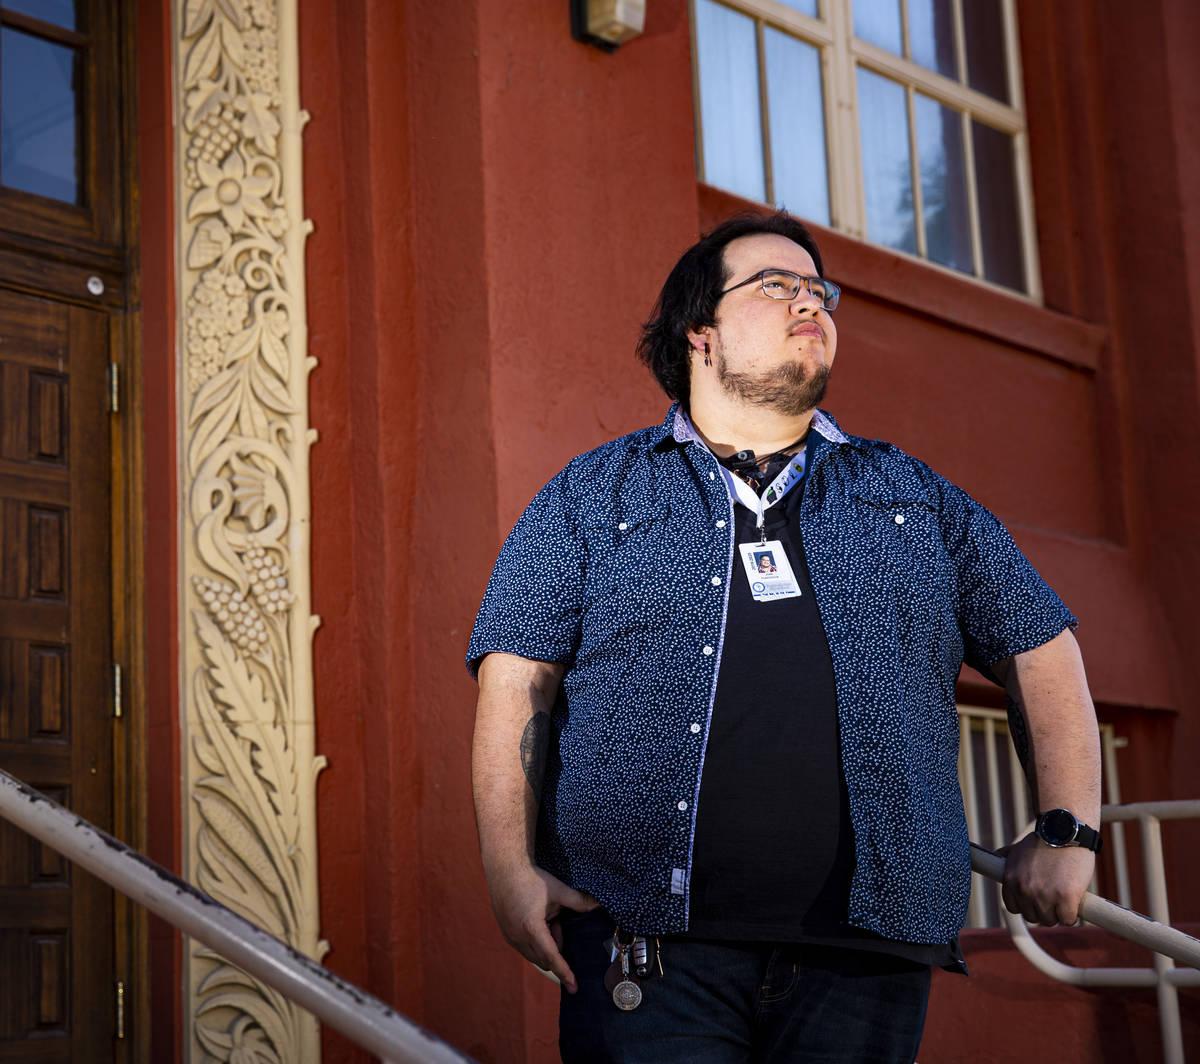 Teacher Juan Plascencia poses for a portrait outside of Las Vegas Academy in downtown Las Vegas ...